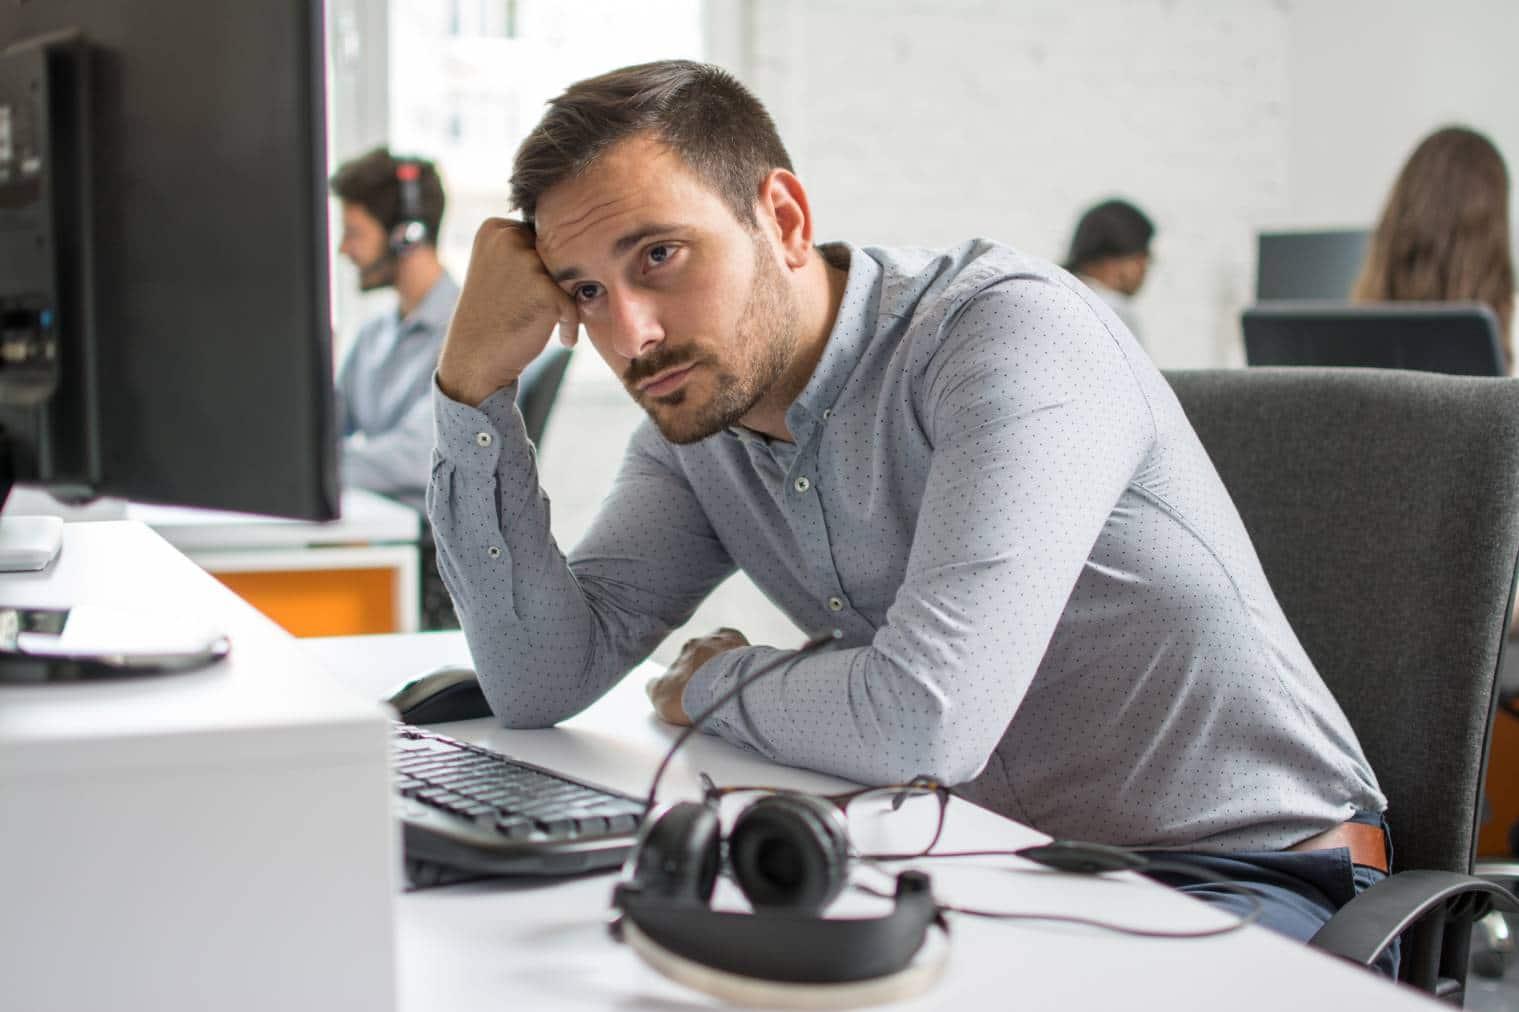 Trouver un deuxième emploi : nos astuces pour bien démarrer